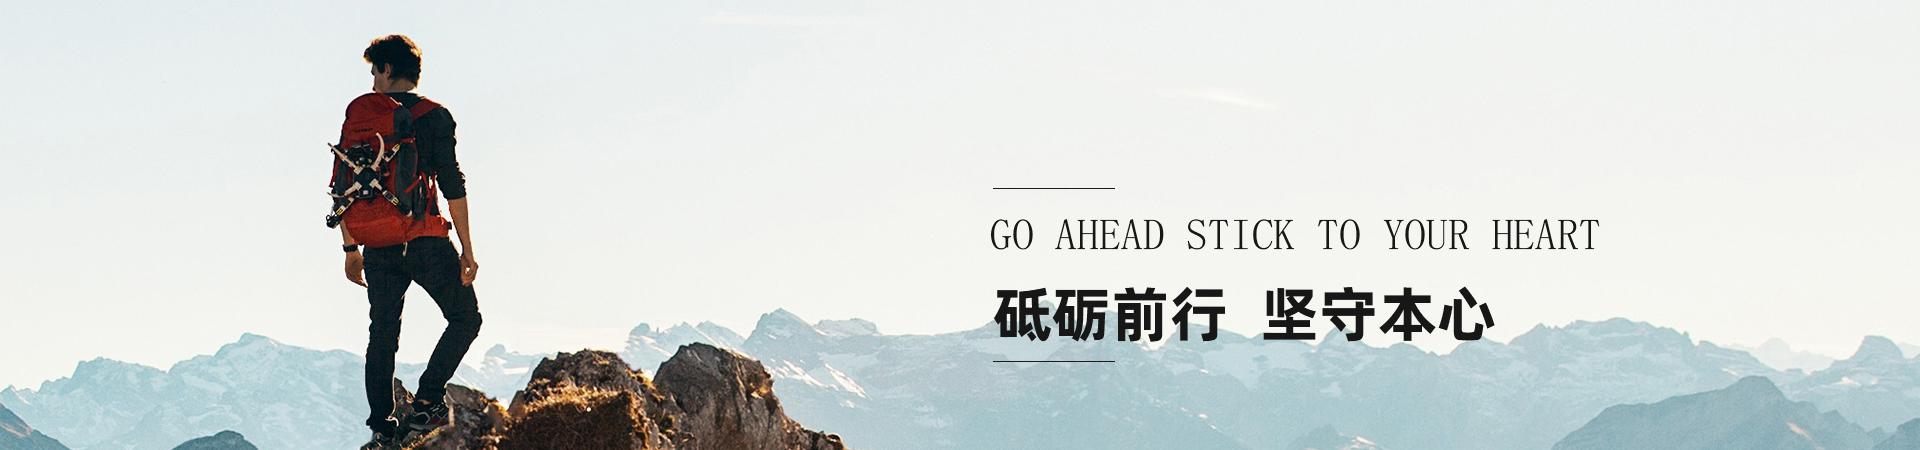 http://www.gaochengruibao.com/data/upload/201911/20191121141310_321.jpg